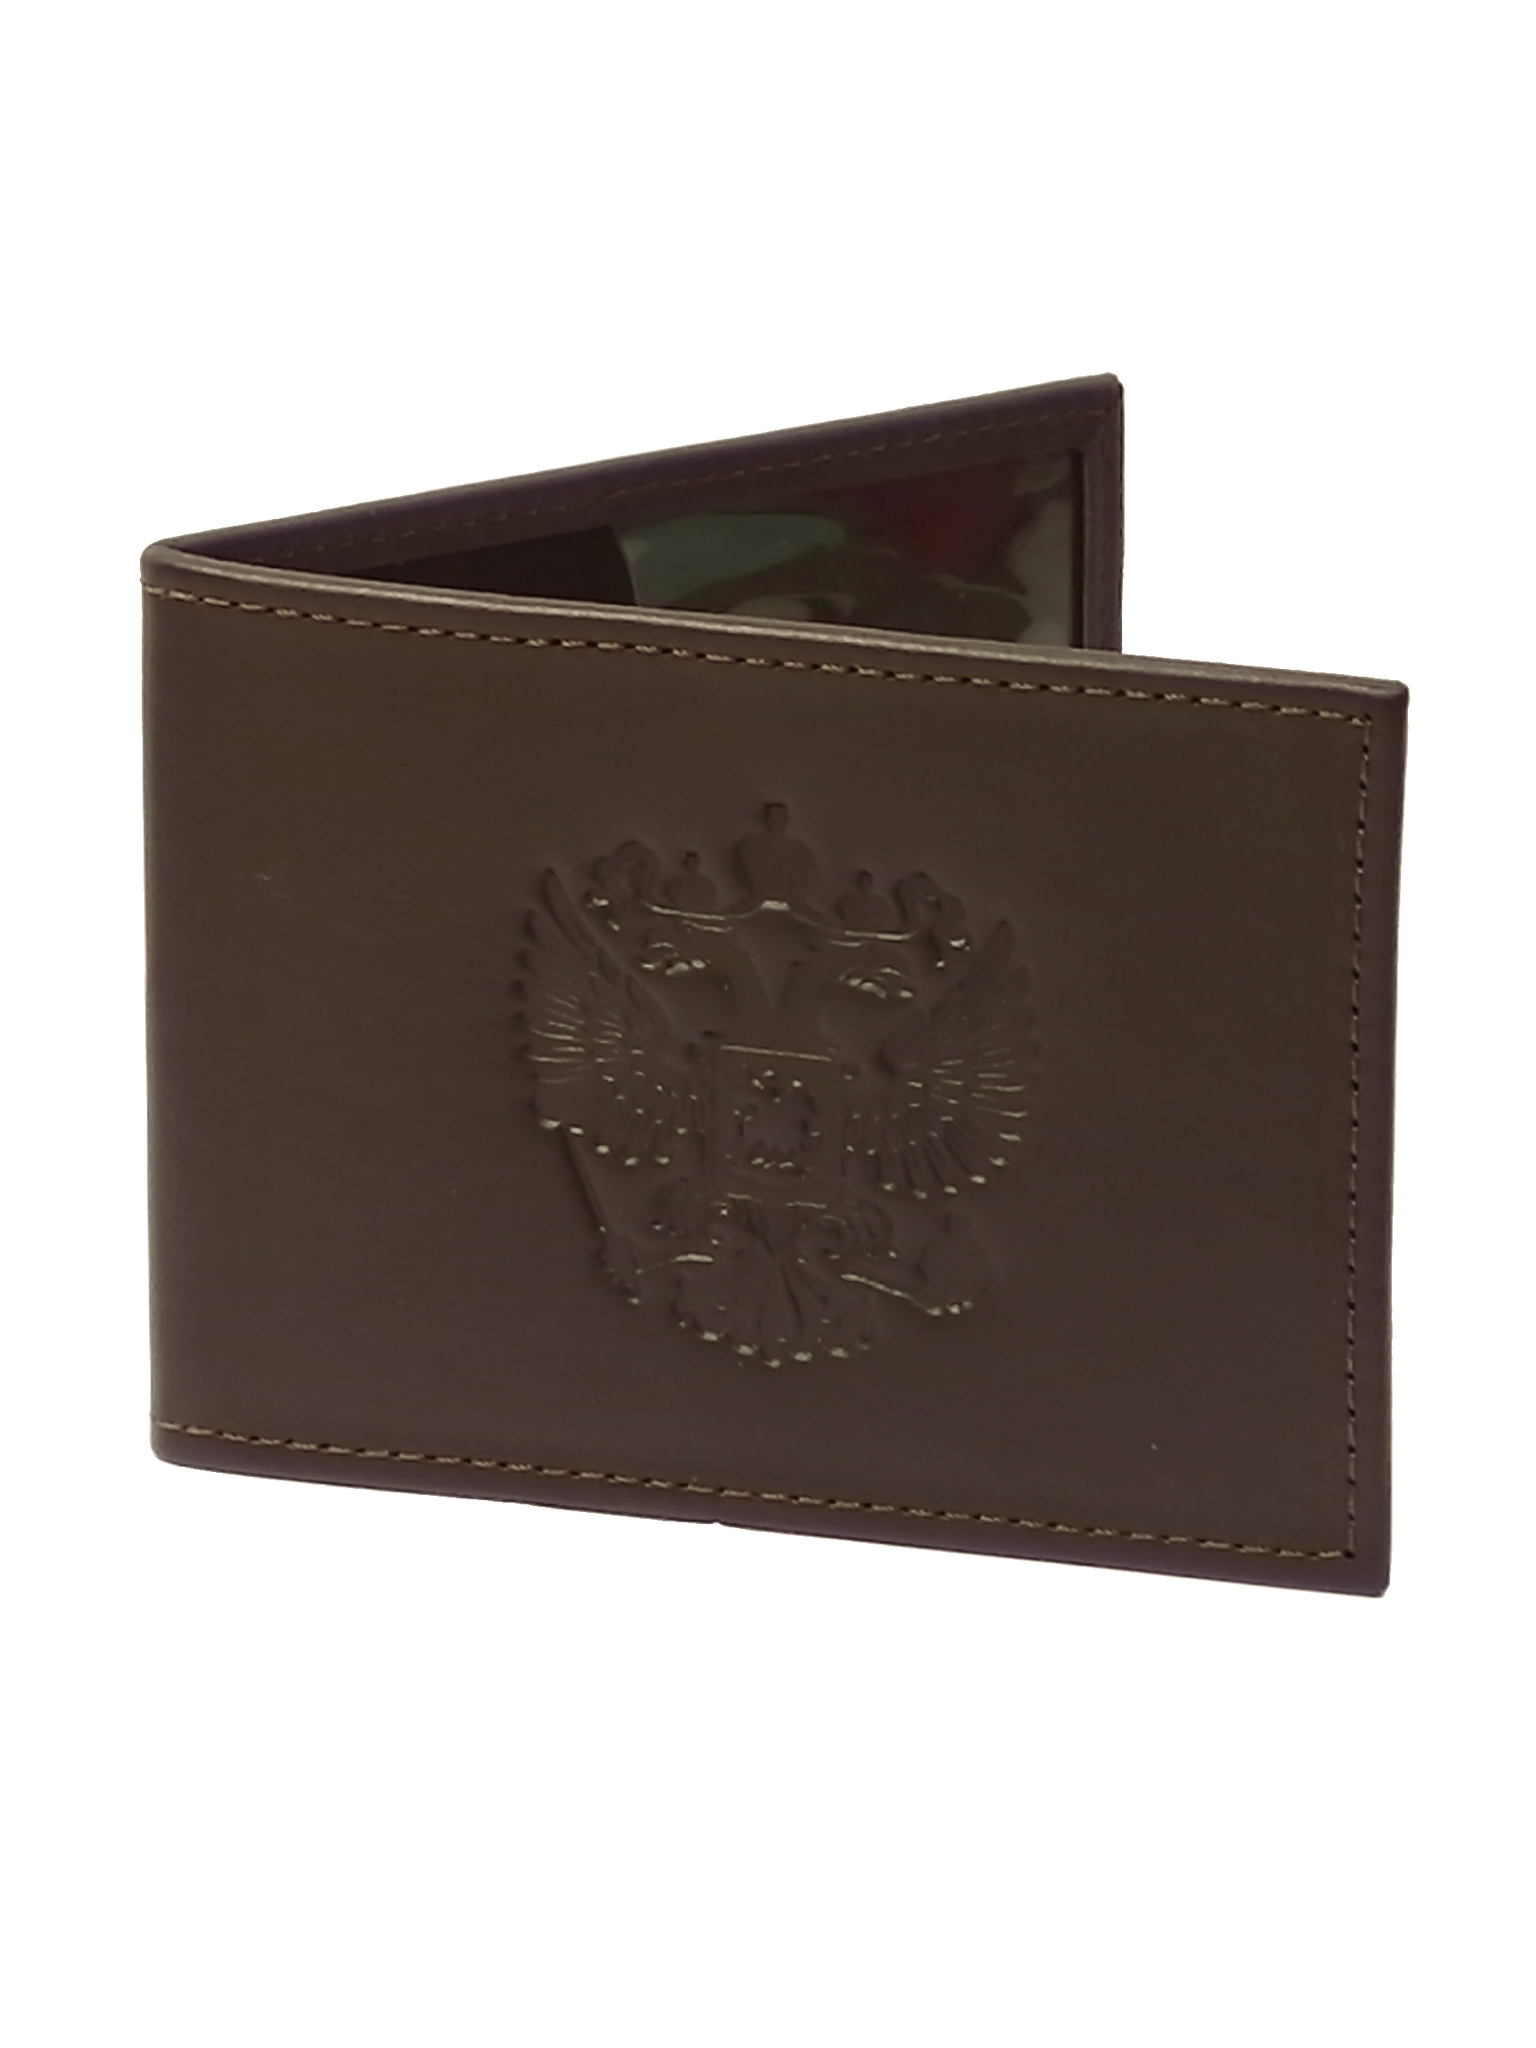 Обложка для удостоверения «Герб». Цвет коричневый